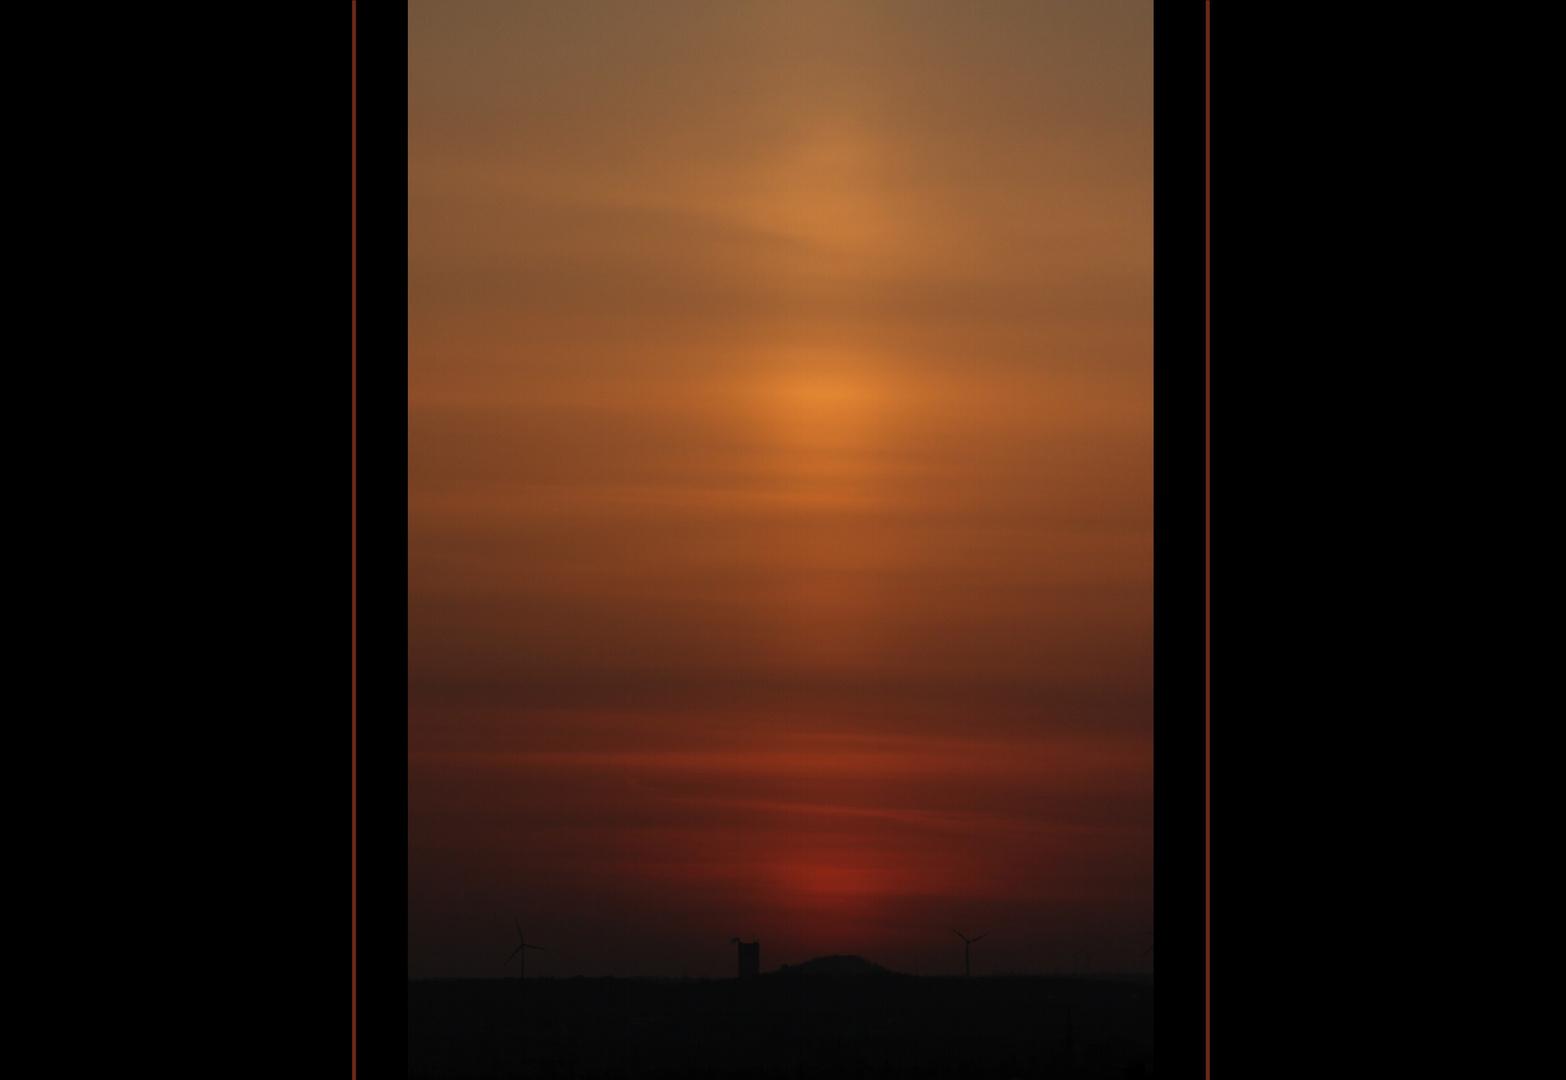 Sonnenuntergang in Aschewolke...